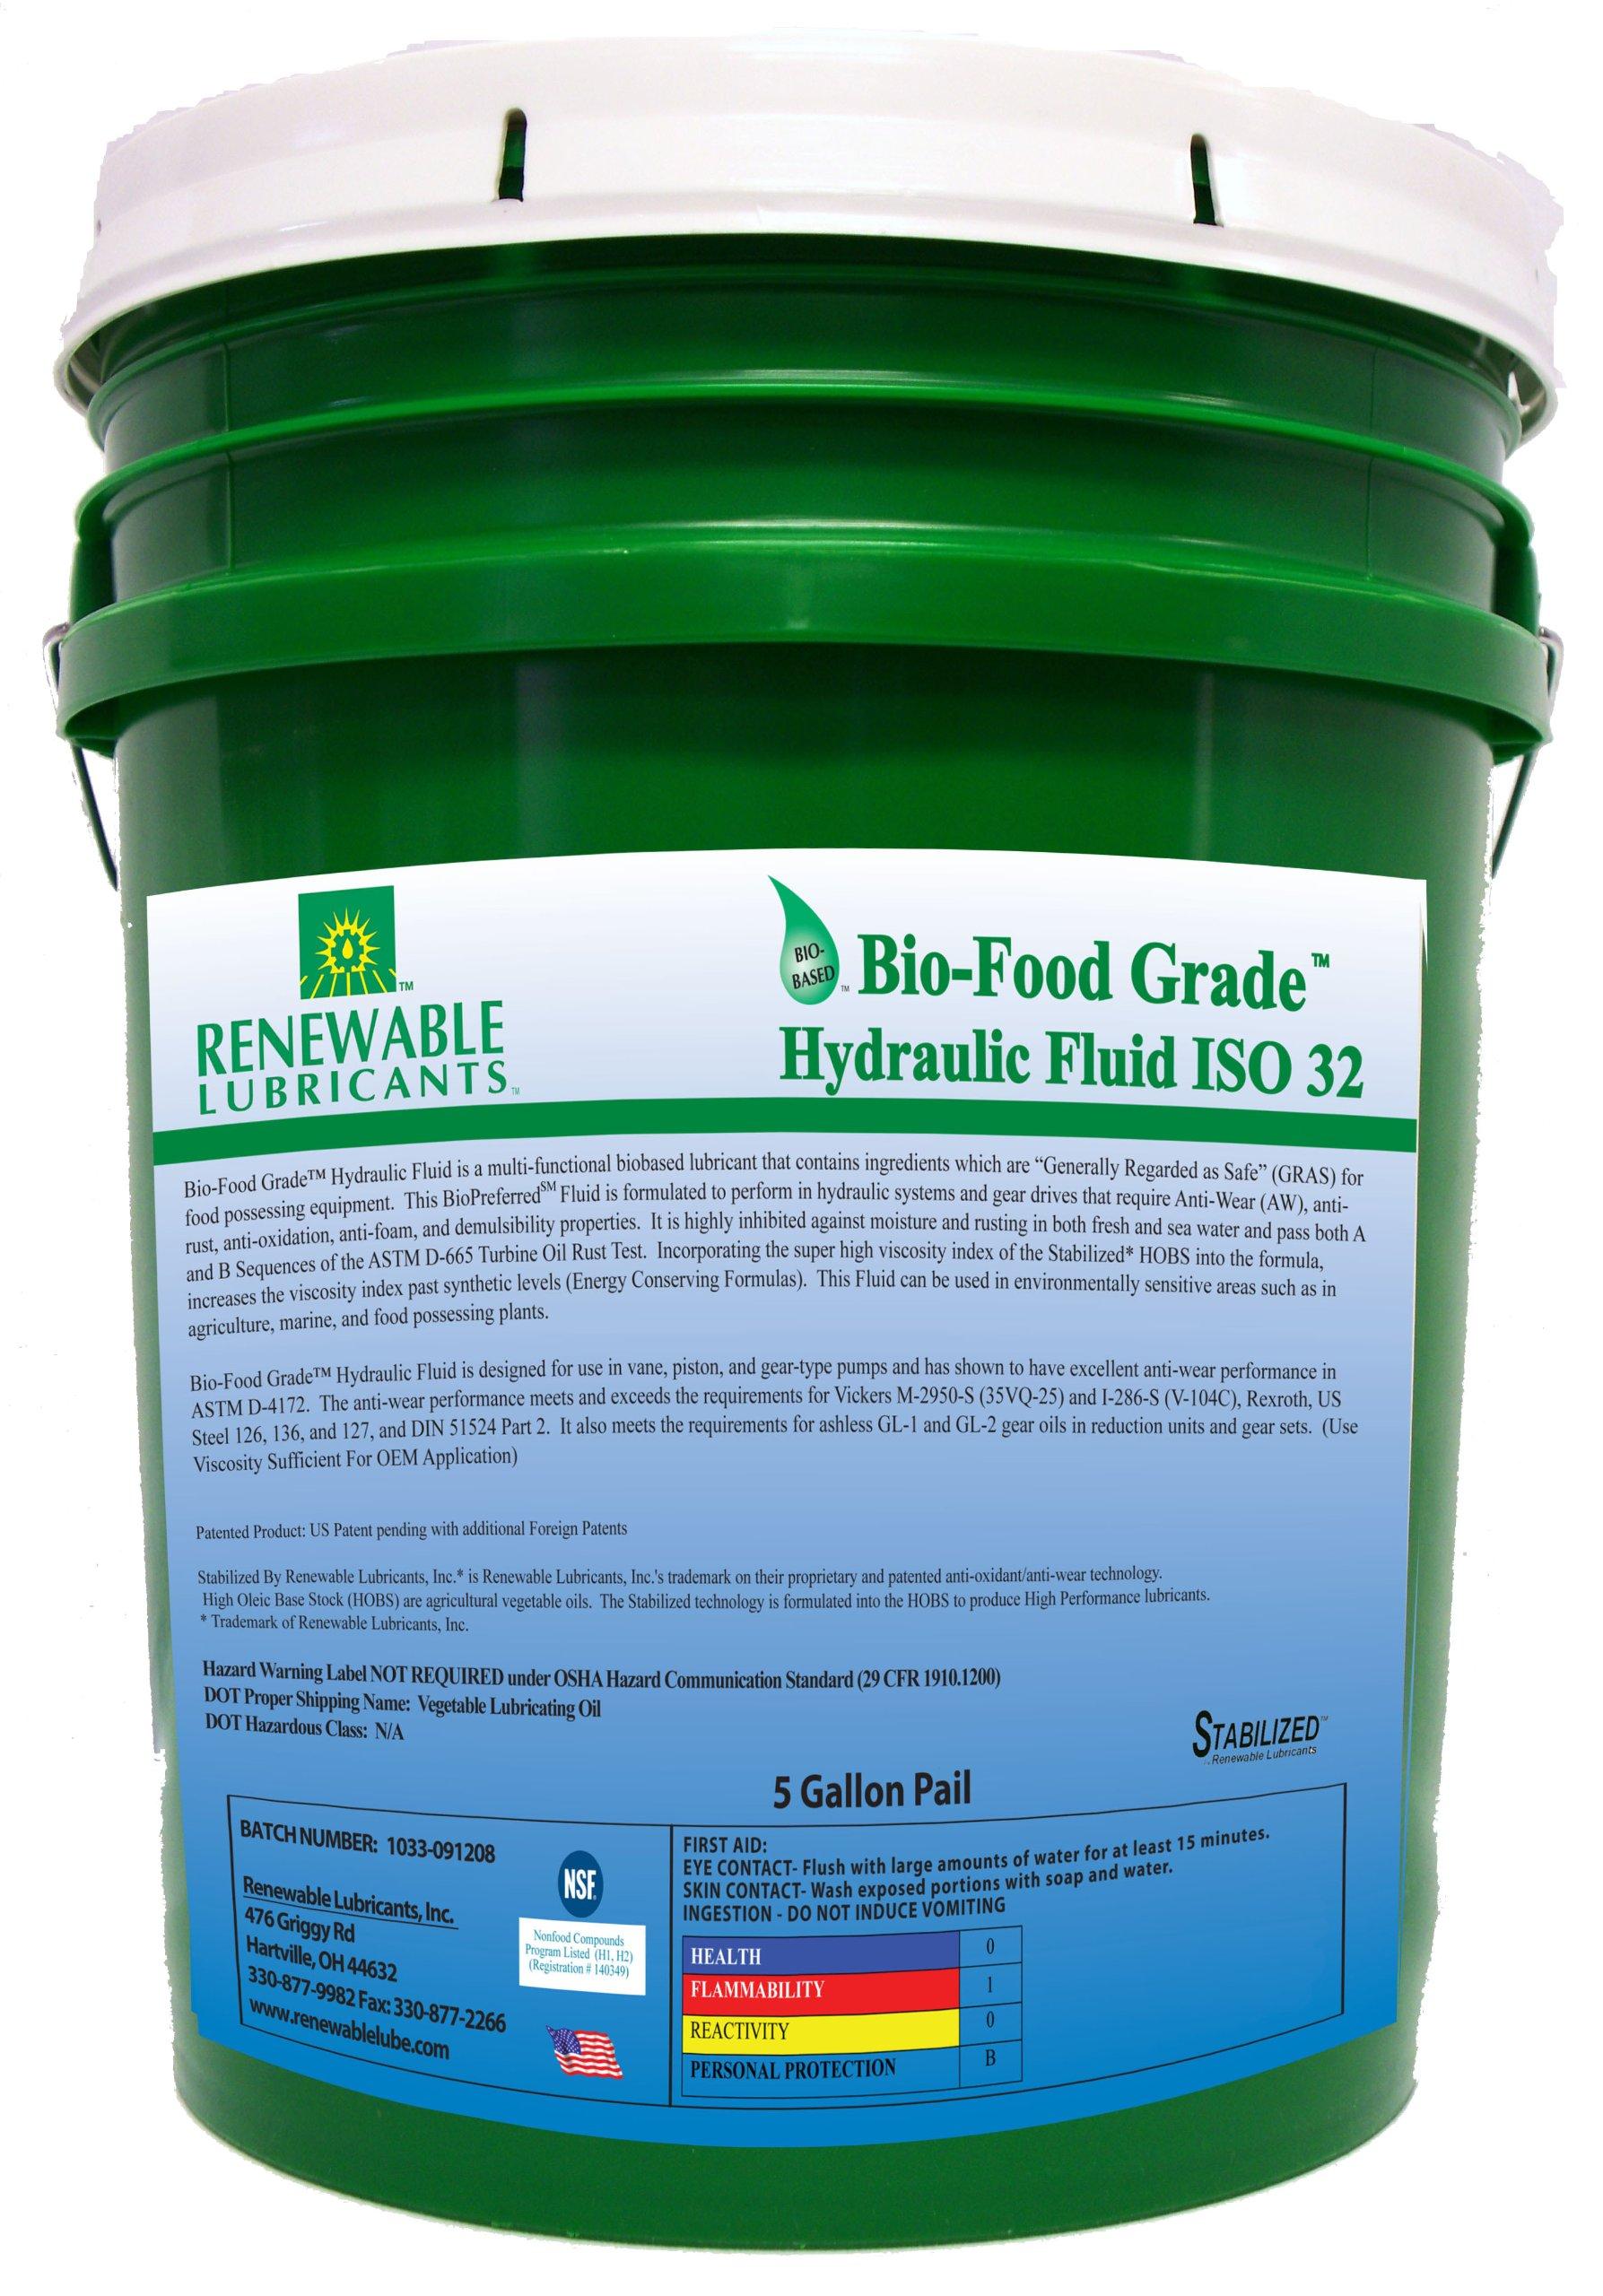 Renewable Lubricants Bio-Food Grade ISO 32 Hydraulic Fluid, 5 Gallon Pail by Renewable Lubricants